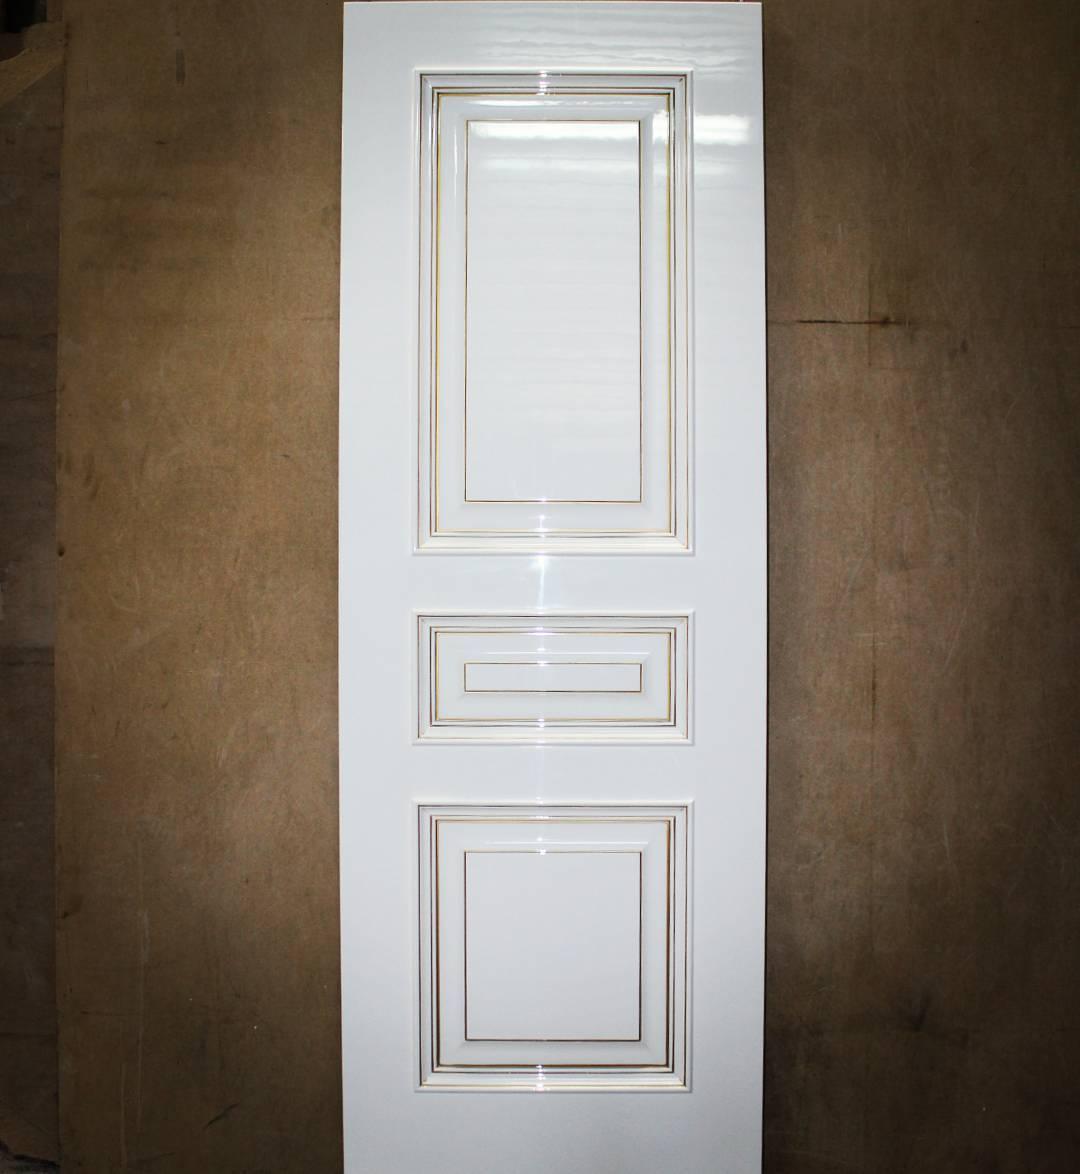 классическая глянцевая дверь фото